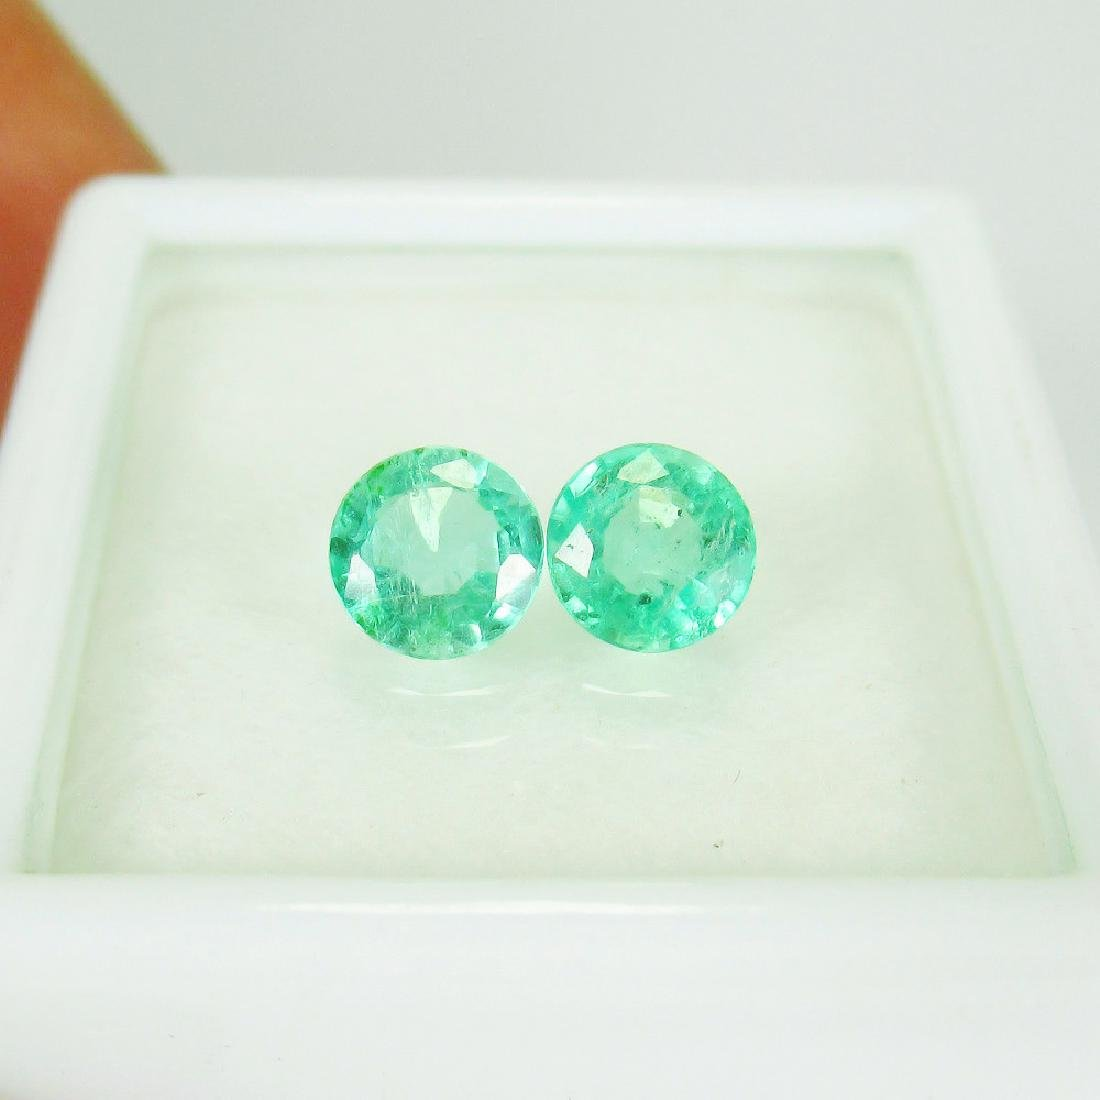 0.93 Ct Genuine Loose Zambian Emerald Round Pair